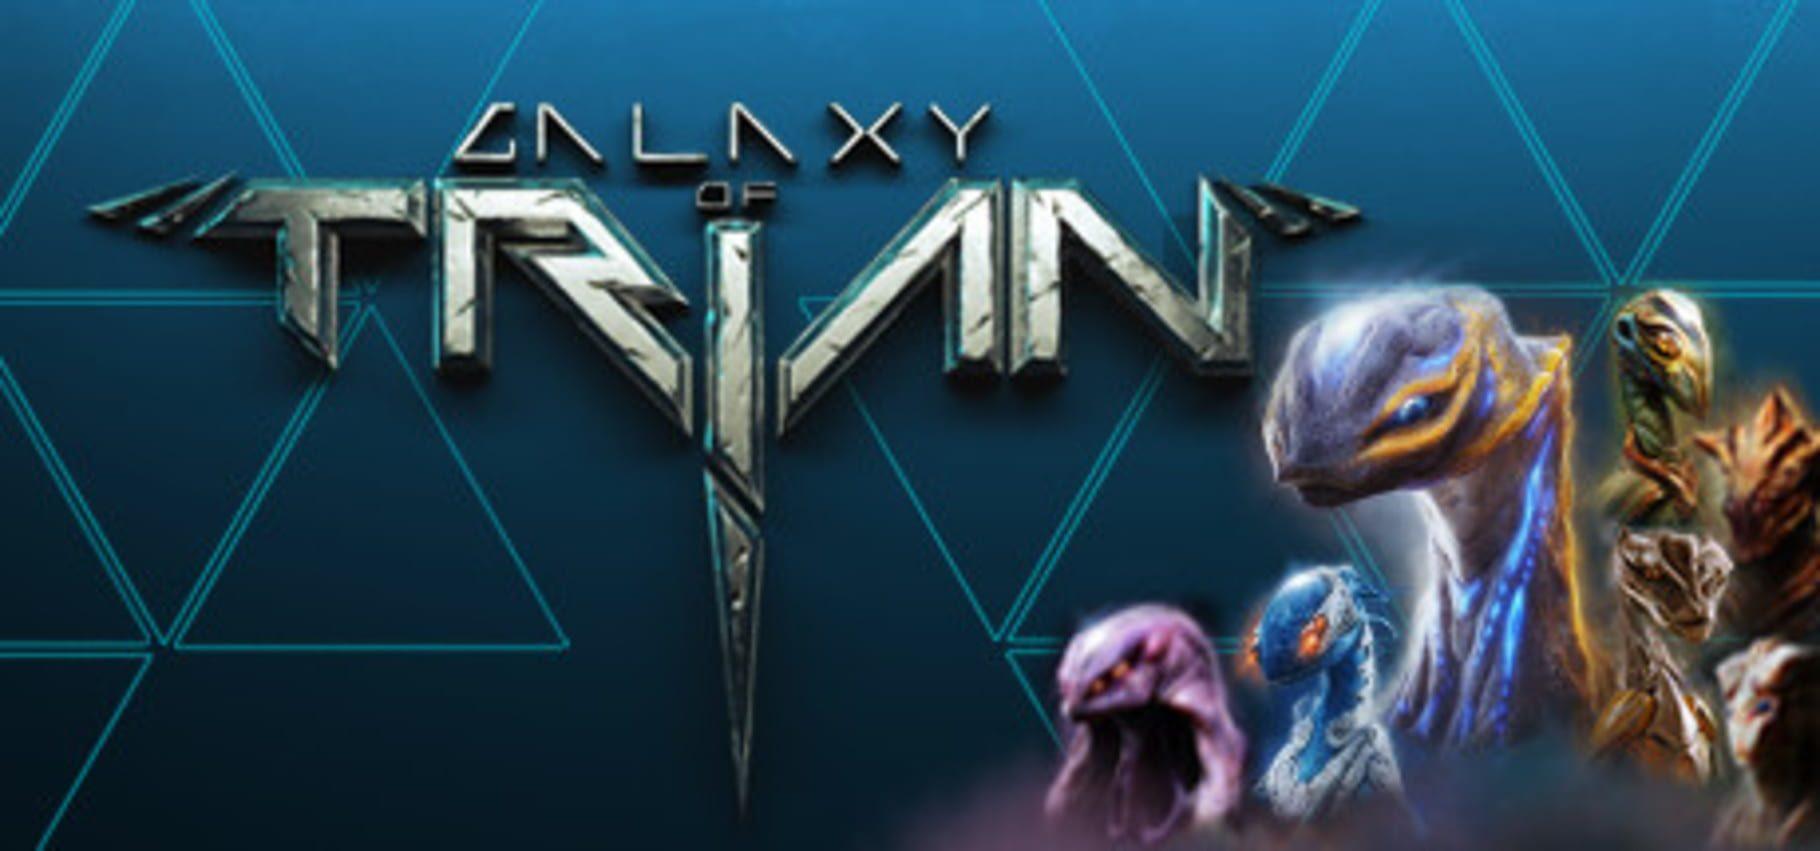 buy Galaxy of Trian Board Game cd key for all platform